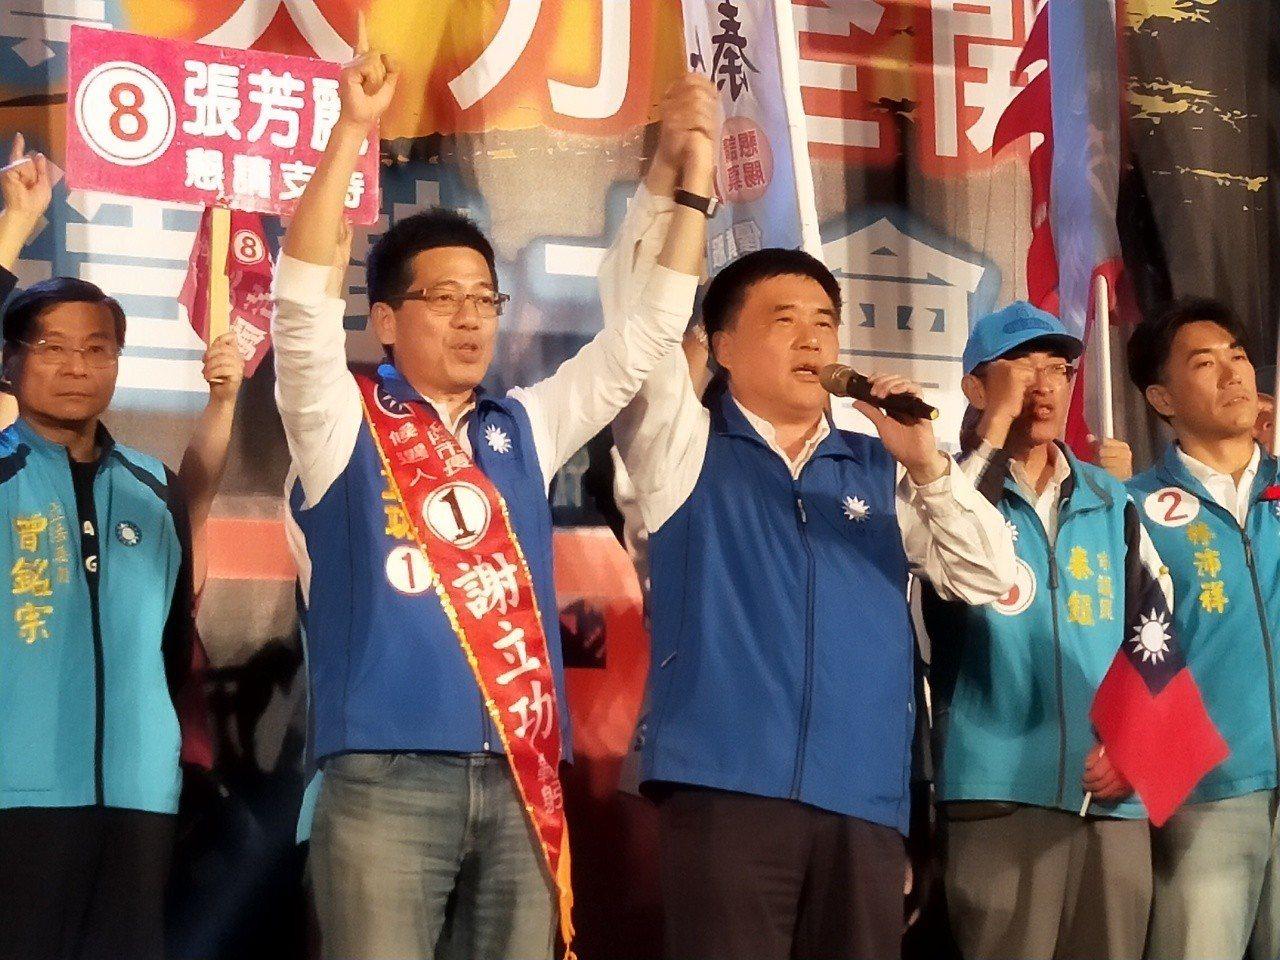 國民黨副主席郝龍斌今晚在六合停車埸造勢晚會為謝立功站台助陣。記者游明煌/攝影